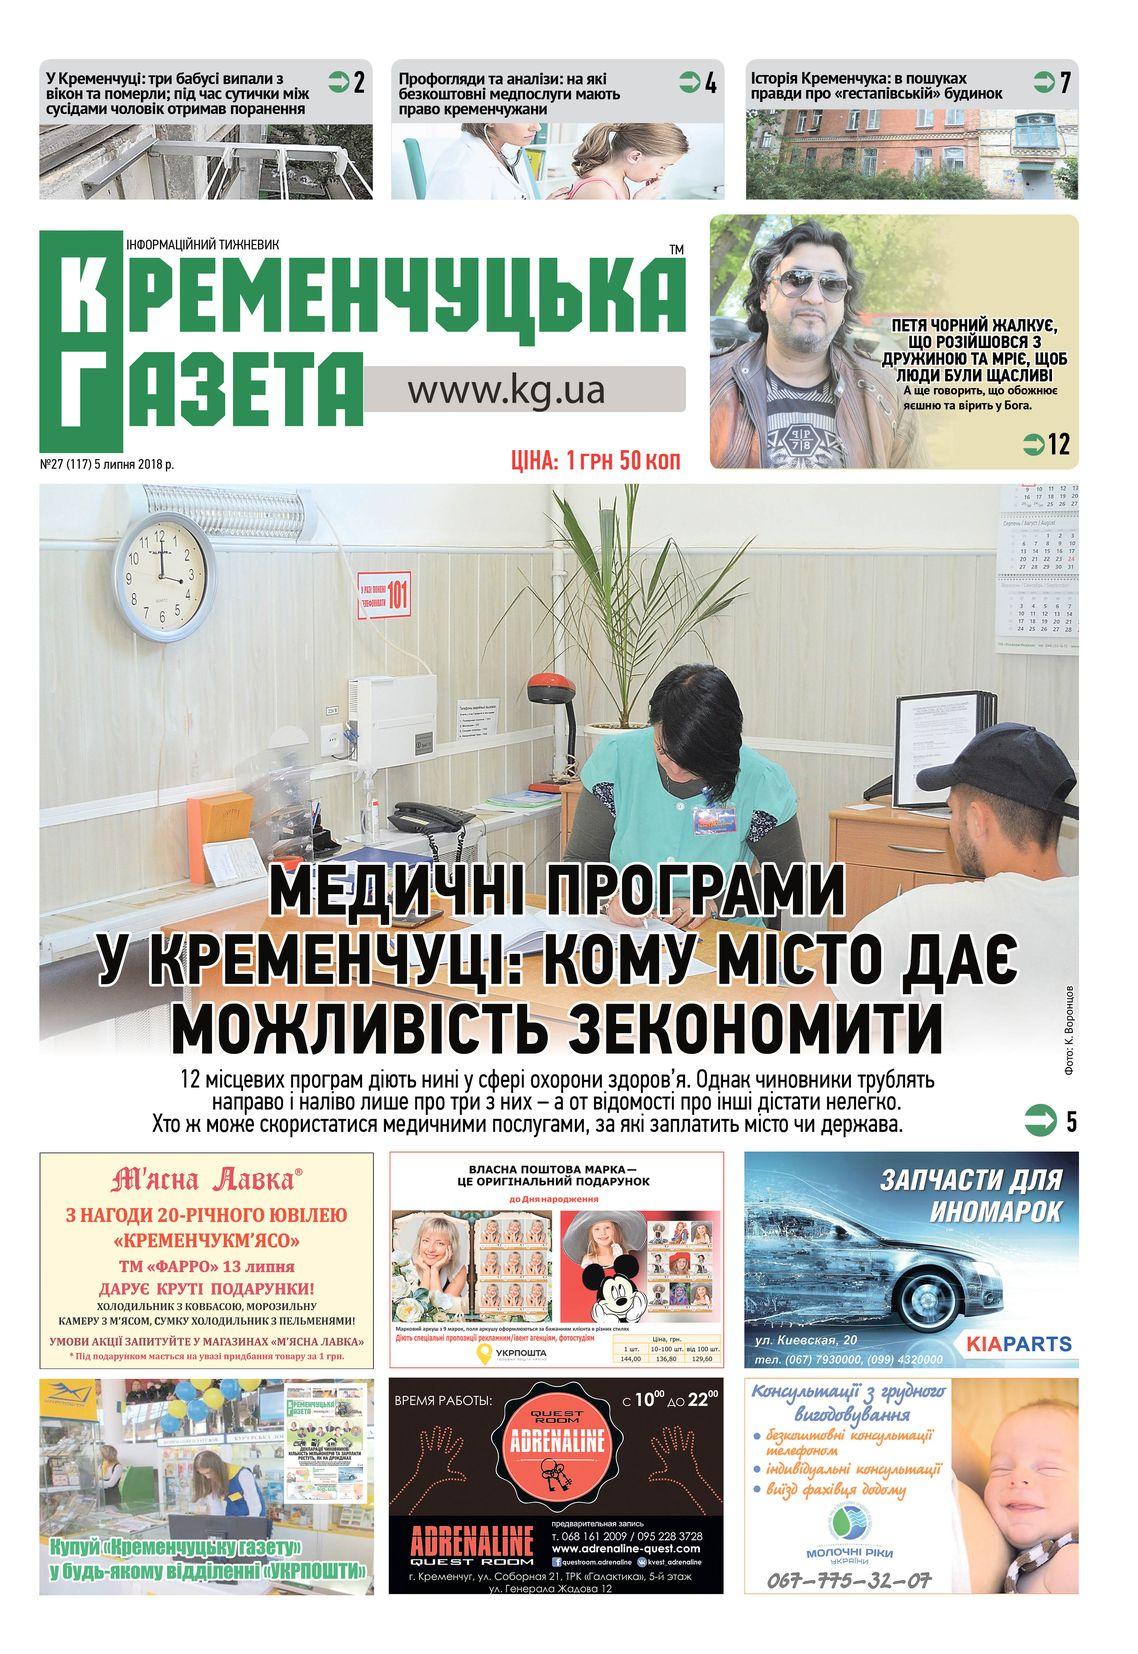 Кременчуцька газета № 27